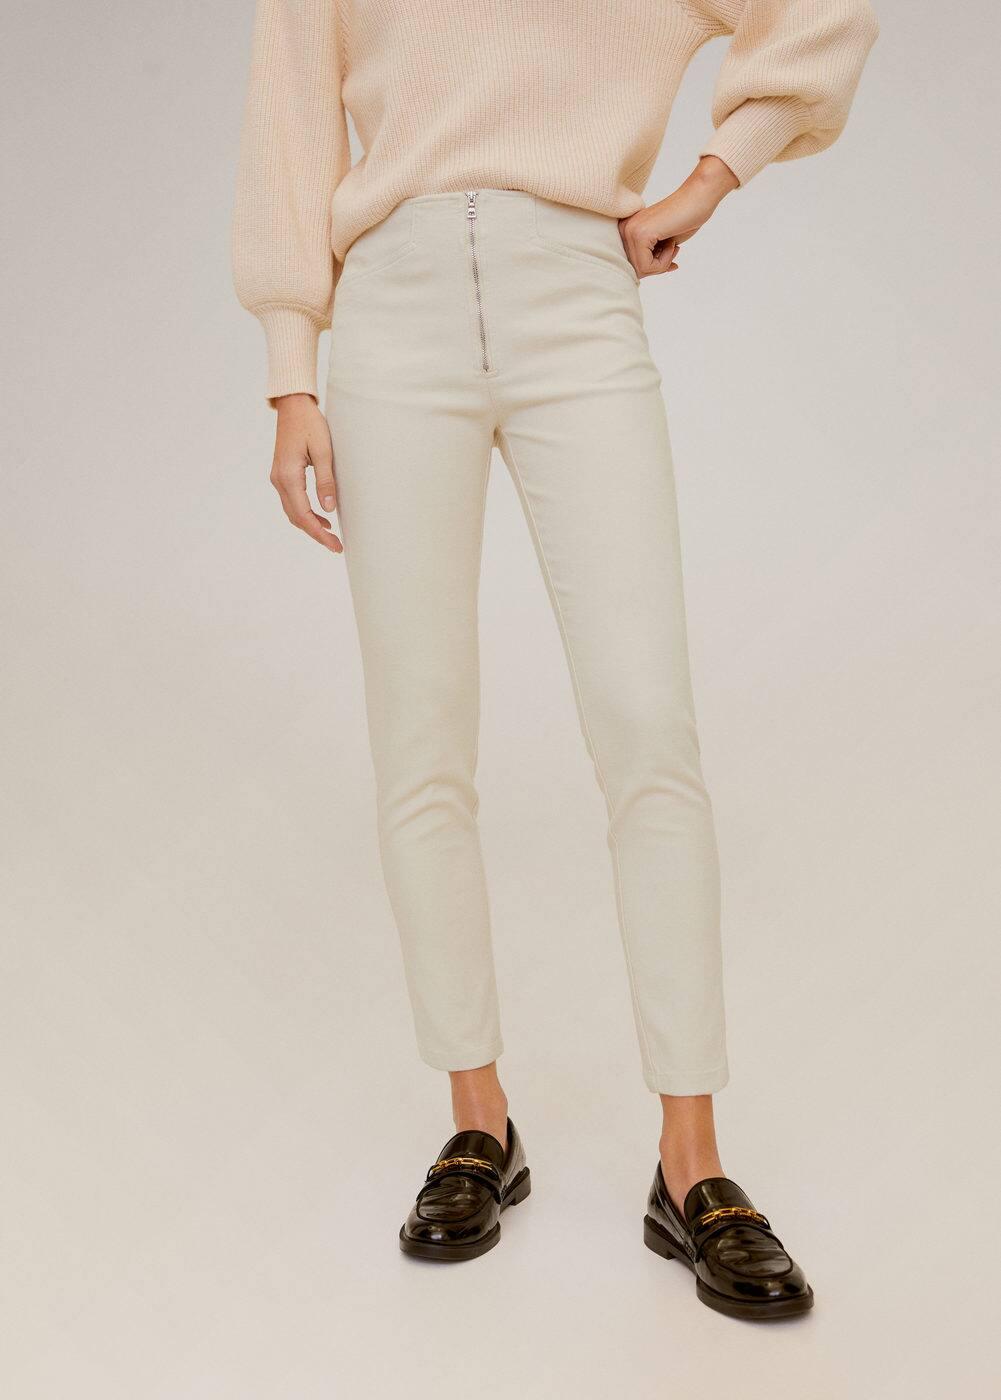 m-lucia:pantalon pitillo cremallera